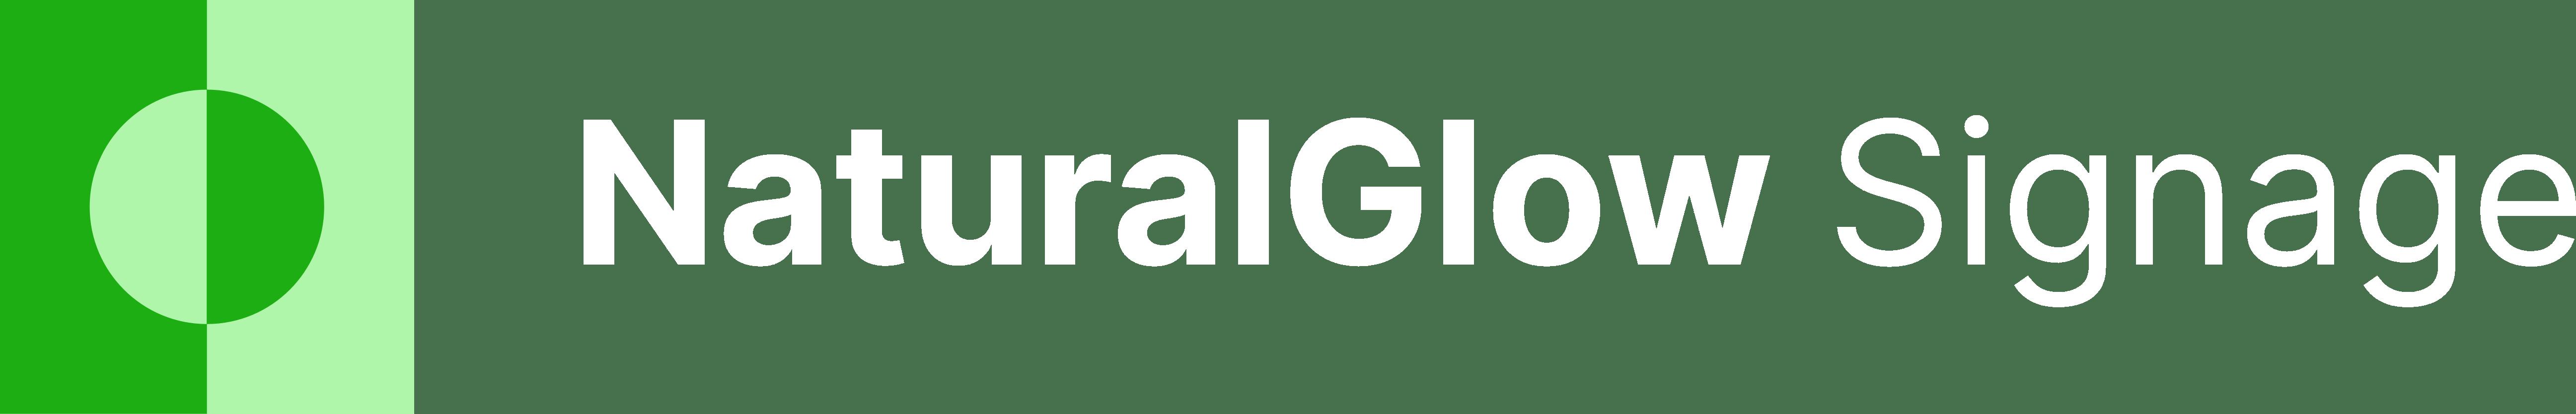 NaturalGlow Signage